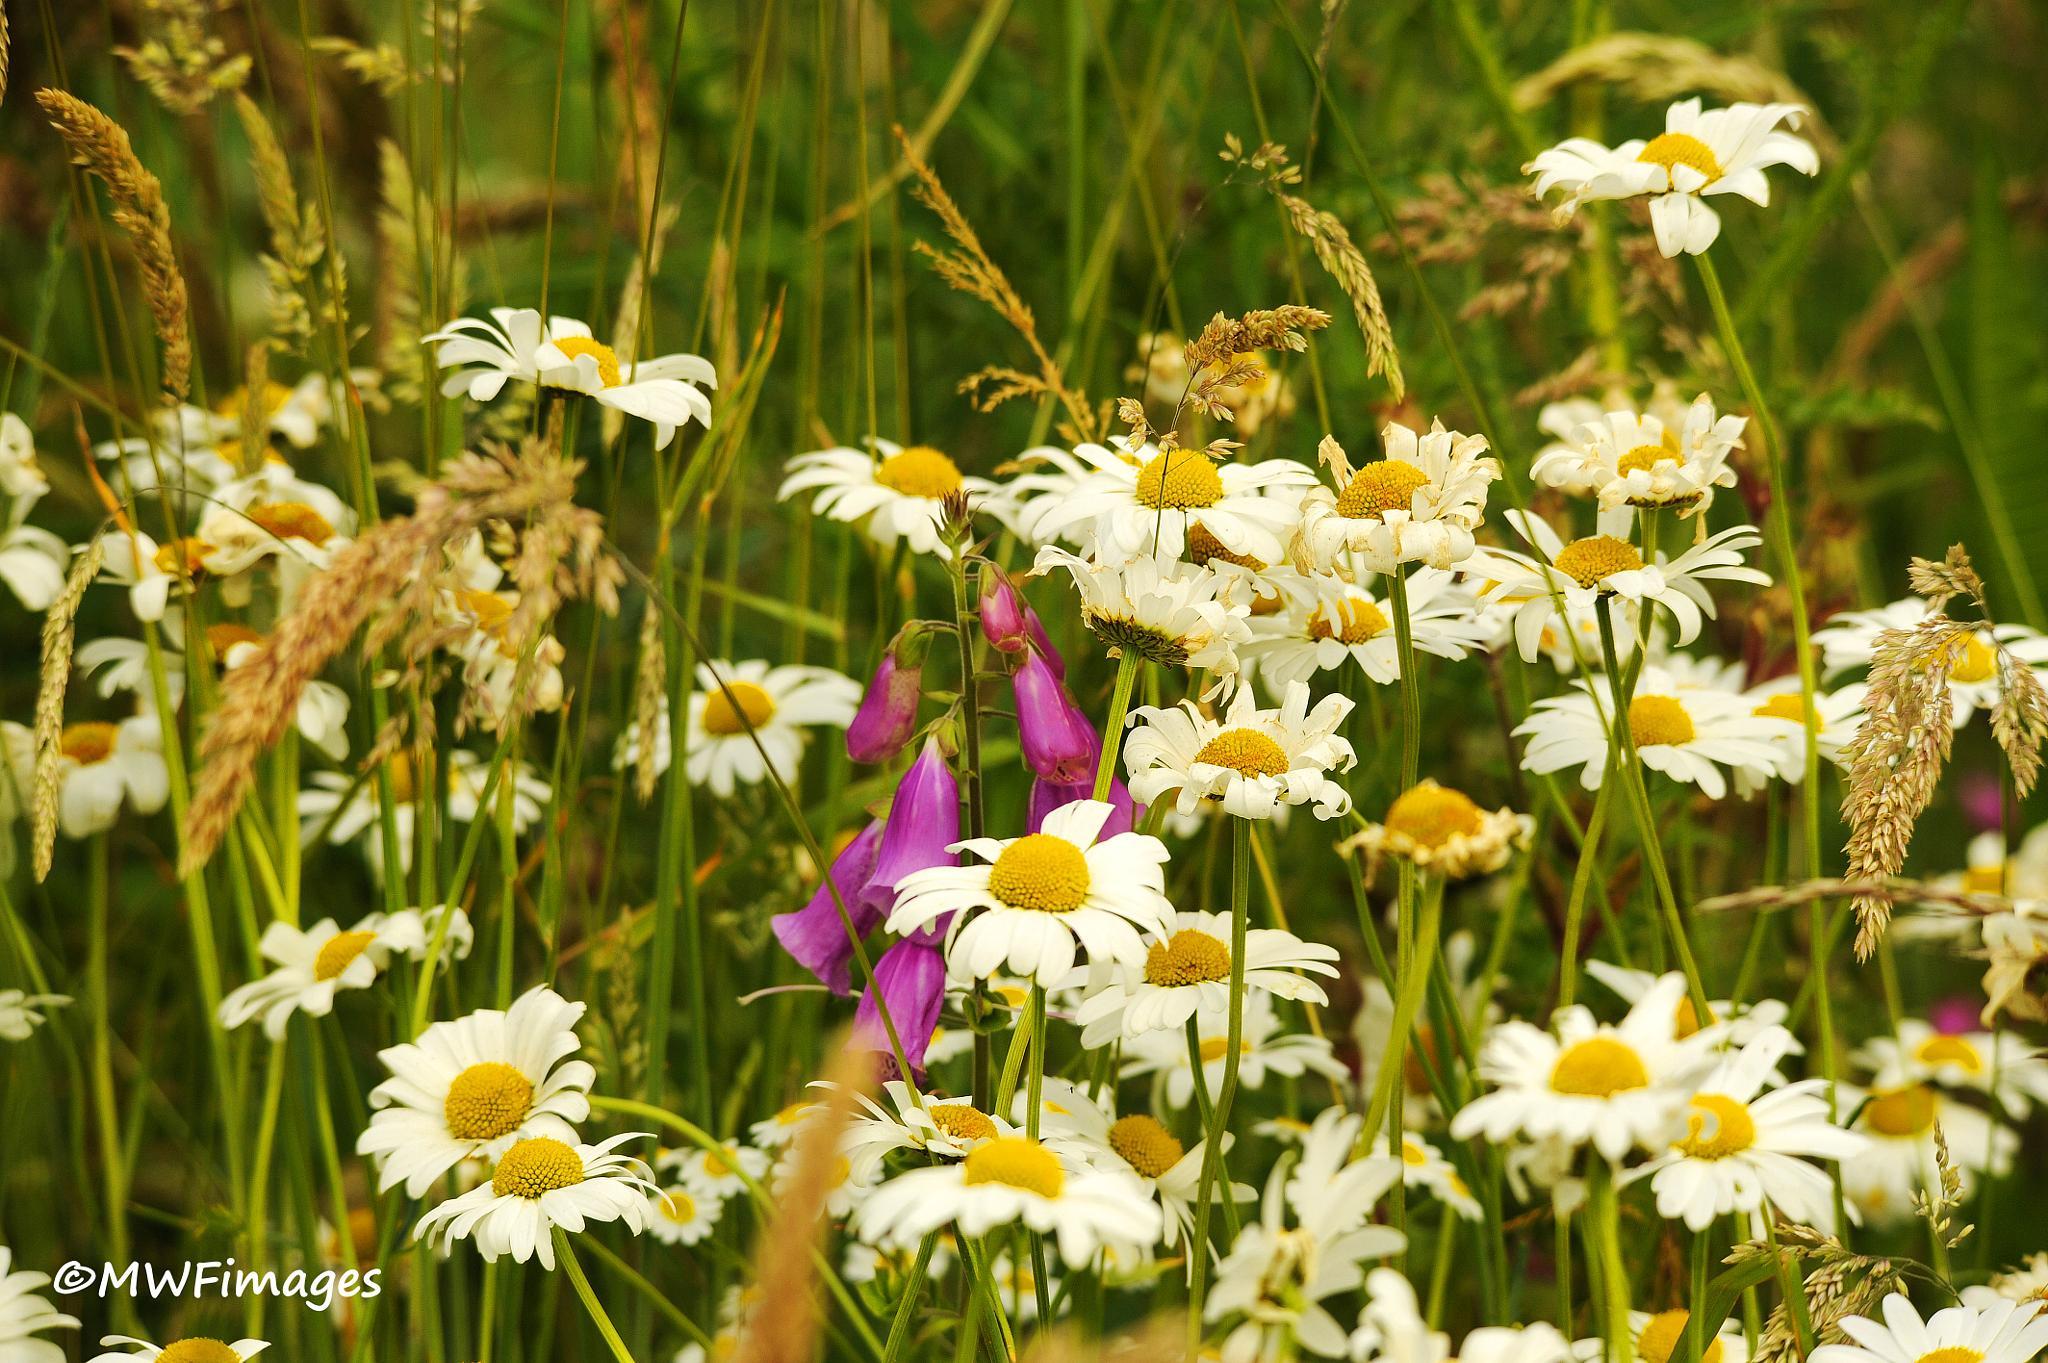 Wild Flora, by martinfairbairn178